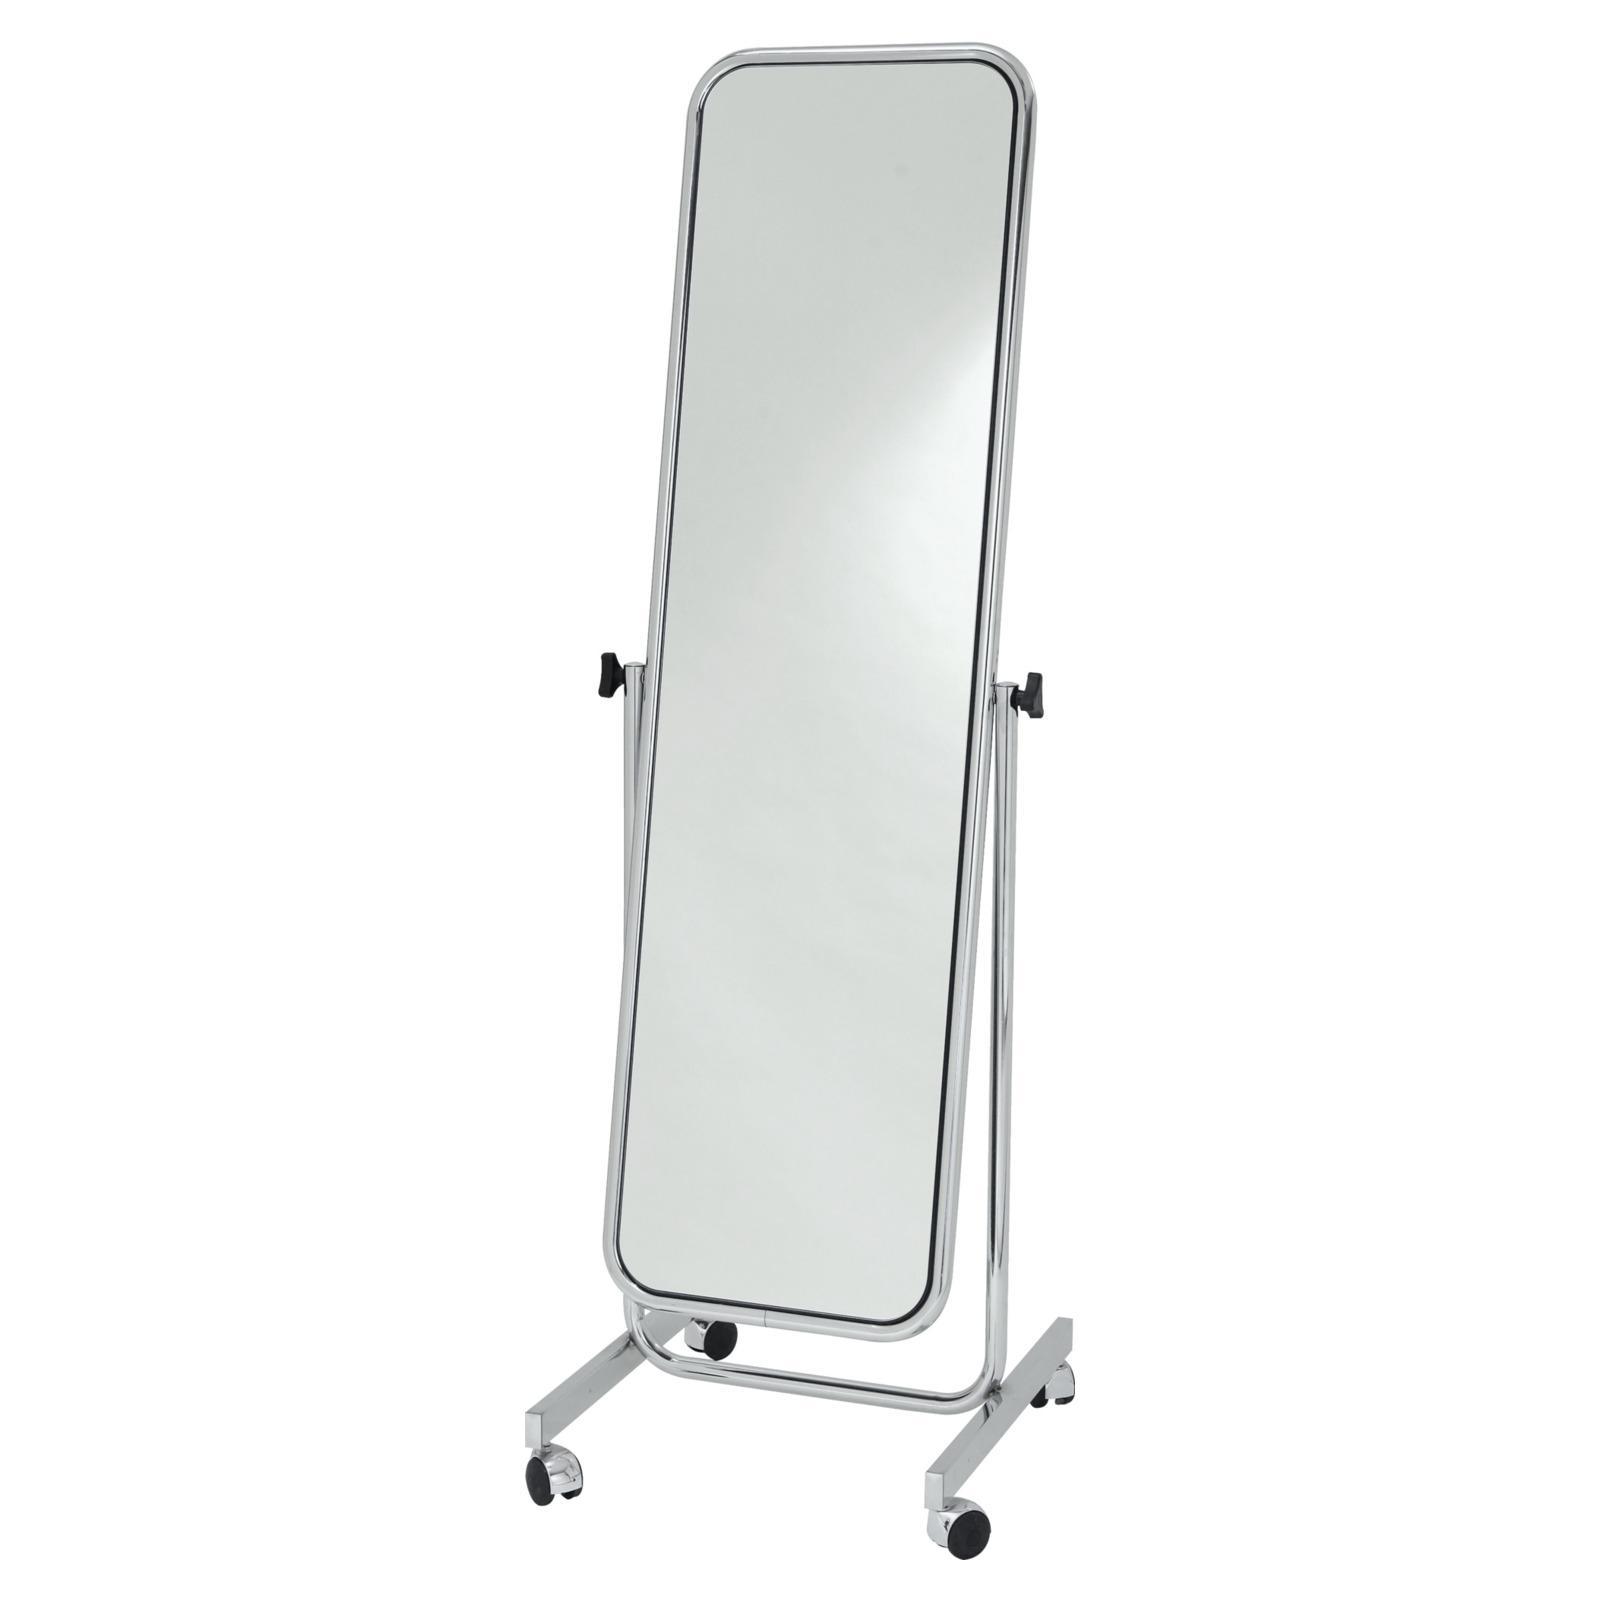 Rollspiegel basic 155x45 cm verchromt konfektionsspiegel umkleidekabinen ladeneinrichtung - Spiegel auf rollen ...